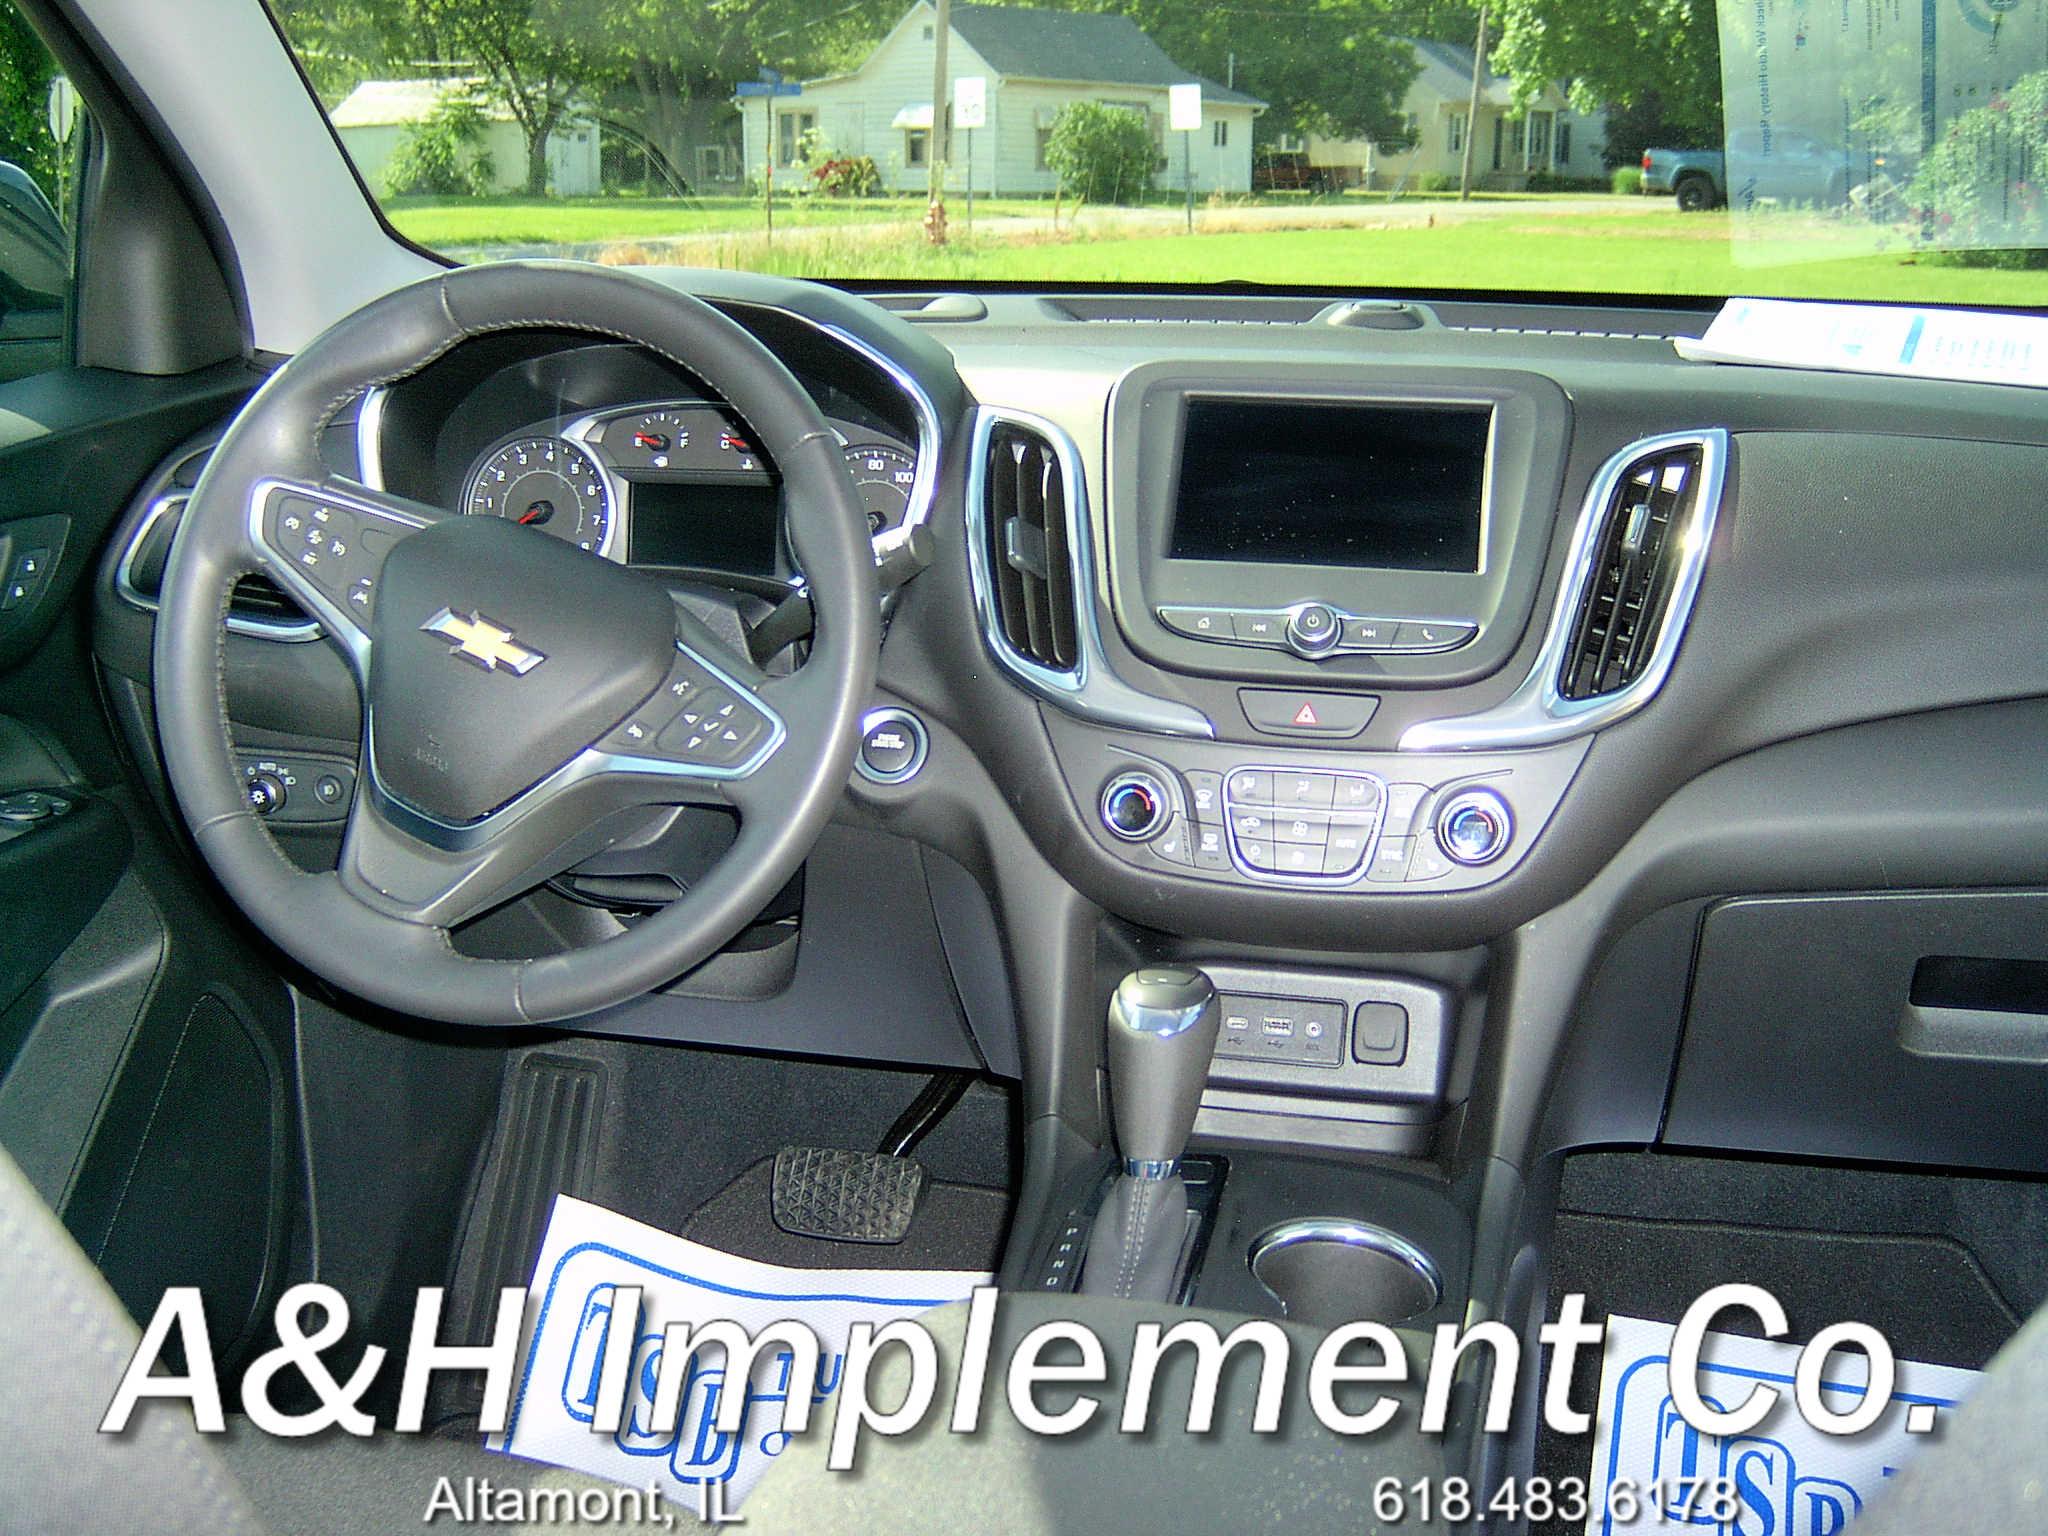 2020 Chevrolet Equinox Lt - Gray 3